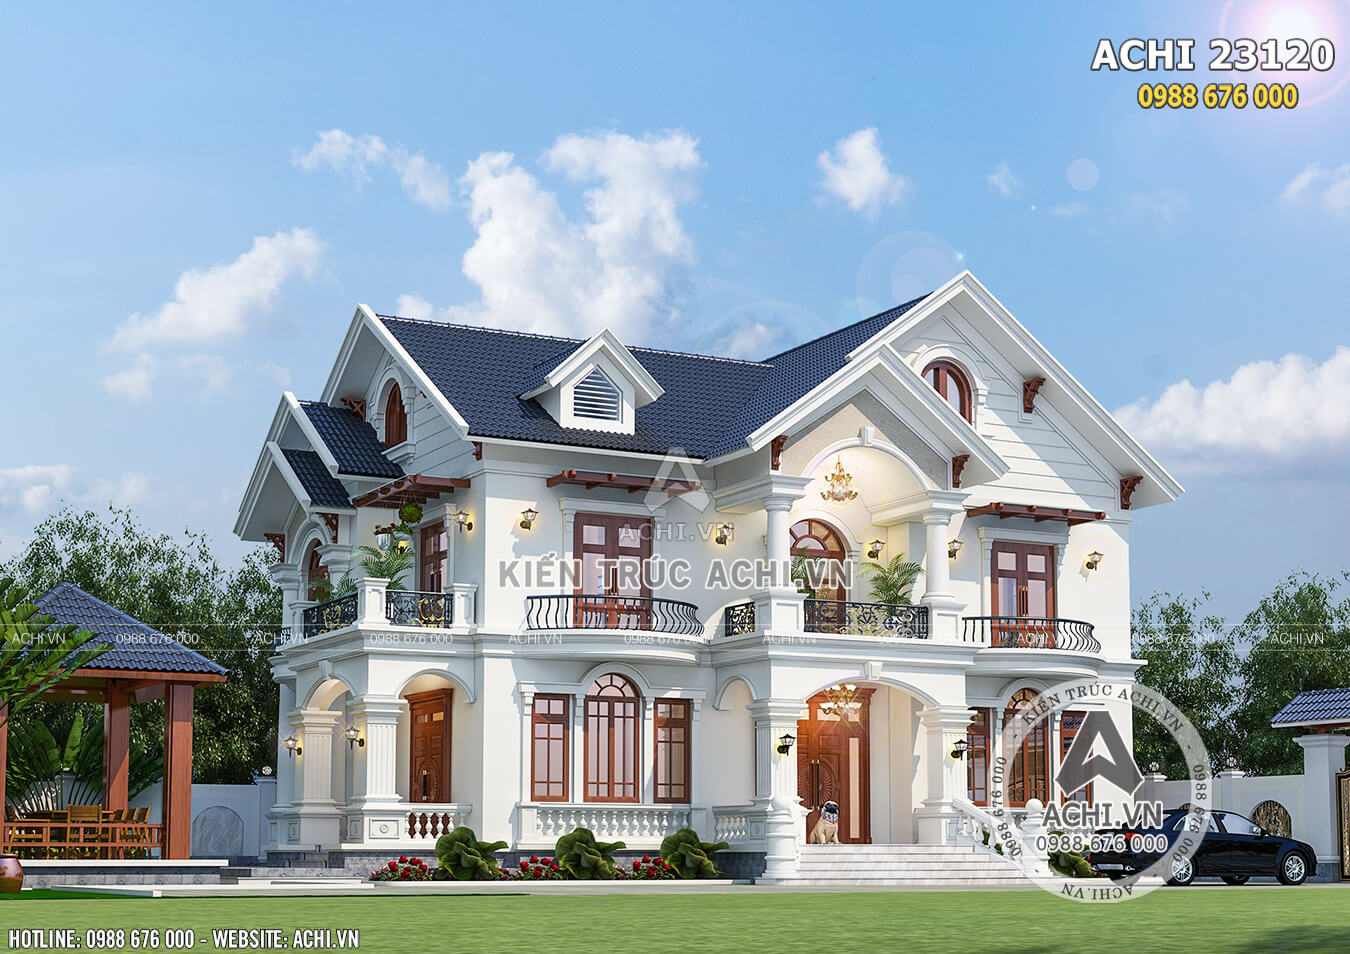 Hình ảnh: Mẫu biệt thự nhà vườn 2 tầng đẹp tại Ninh Thuận – ACHI 23120